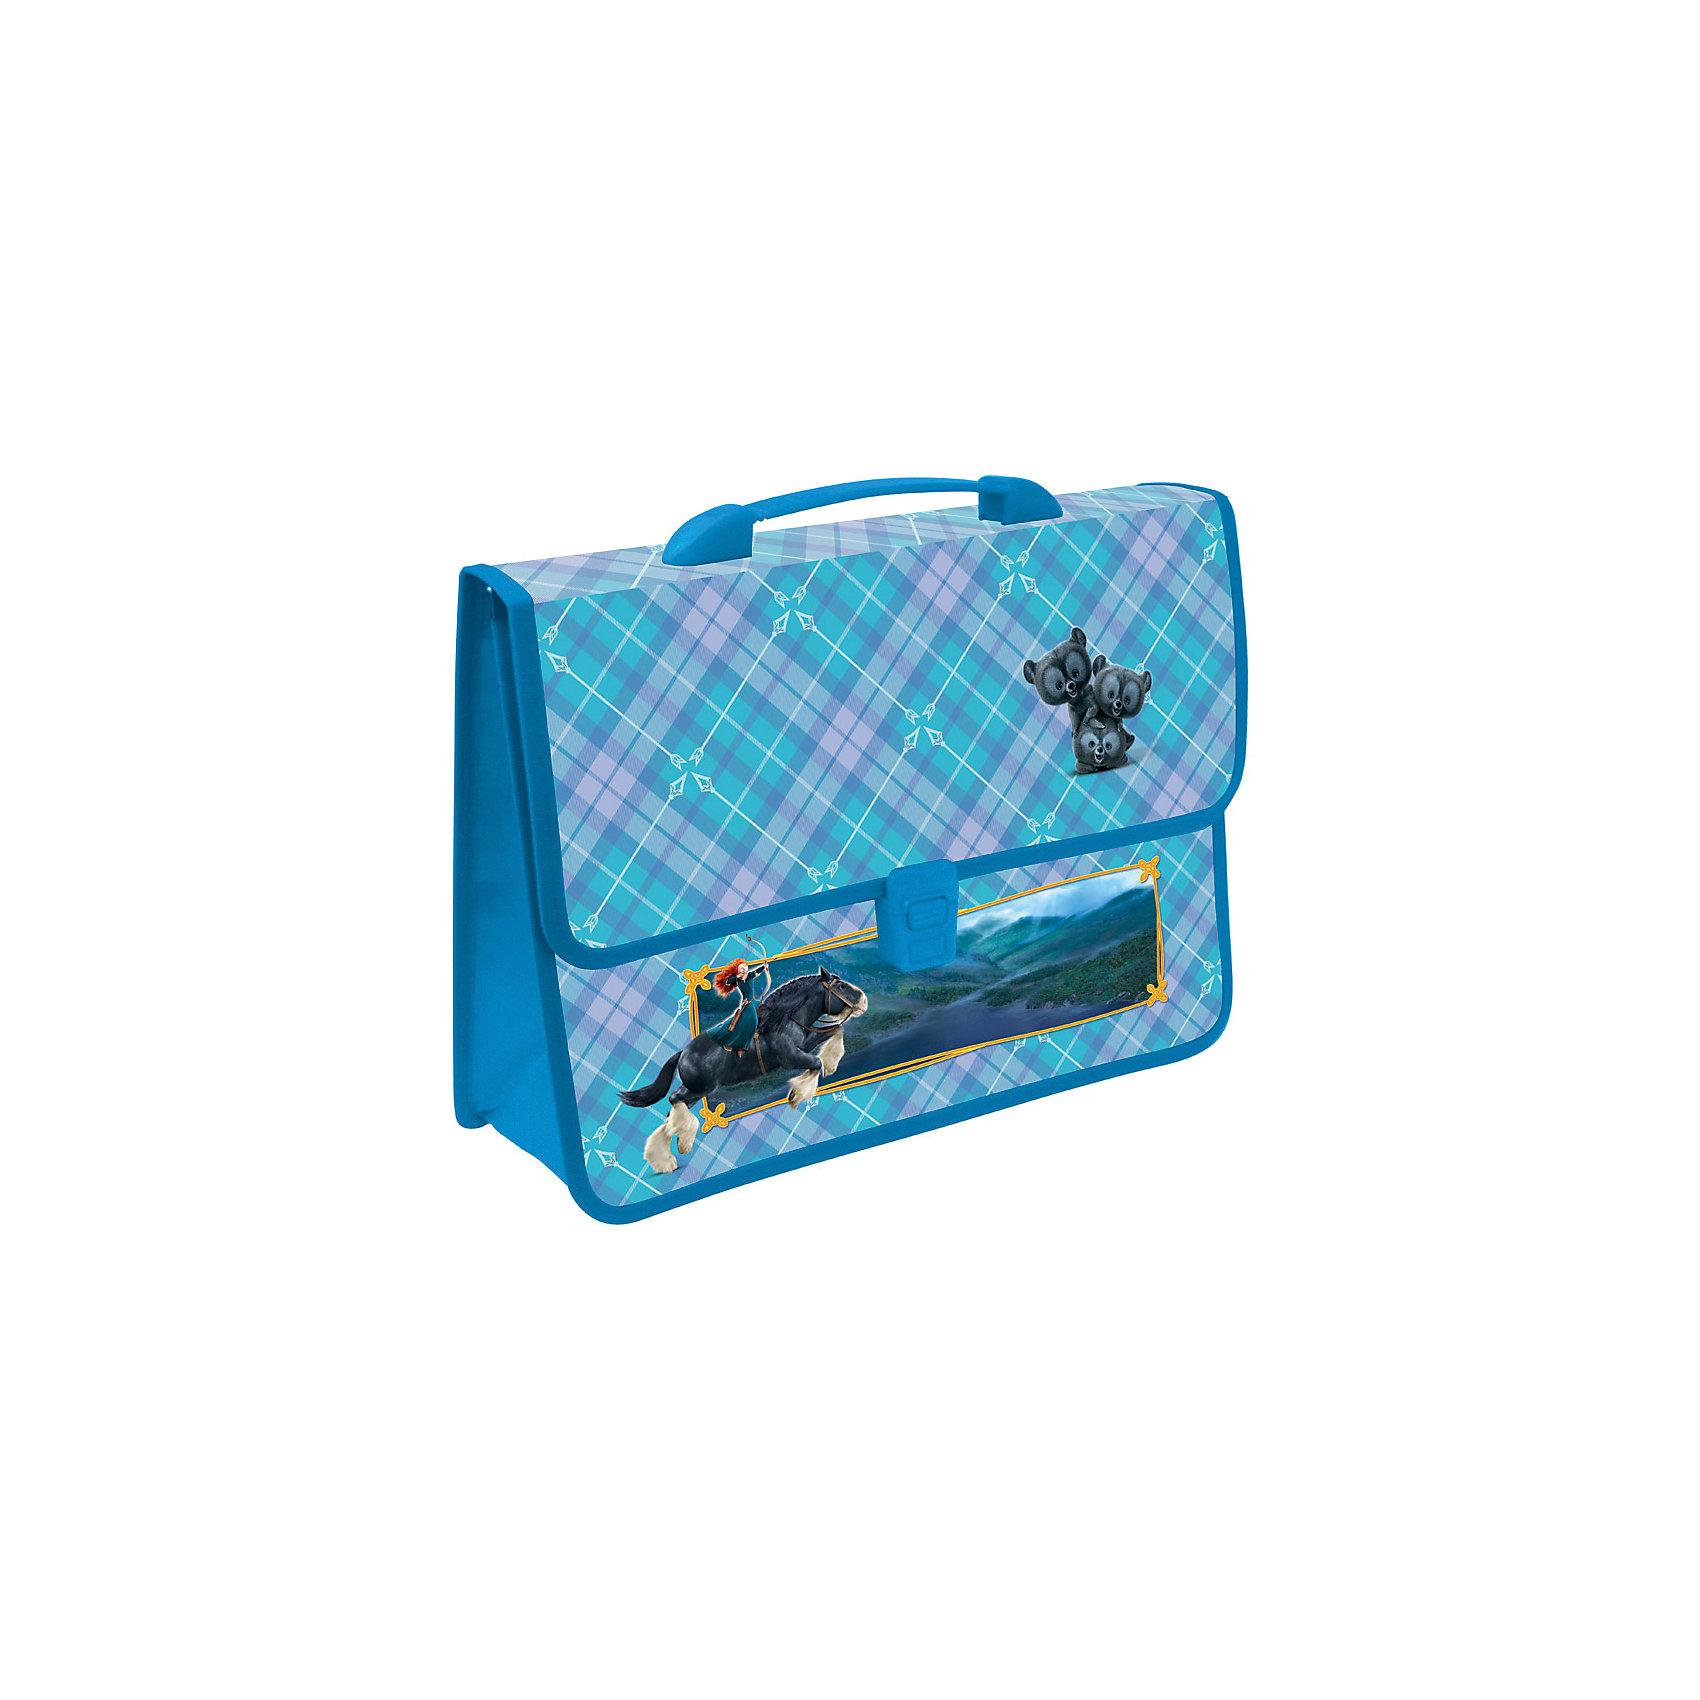 Папка-портфель А4 Храбрая Сердцем, Принцессы ДиснейПапка-портфель А4 Храбрая Сердцем, Disney Princess (Принцессы Диснея) предназначена для хранения и переноски тетрадей, нот, рисунков и прочих бумаг формата А4, а также ручек, карандашей, ластиков и точилок. Папка выполнена из практичного полипропилена в голубом цвете и украшена изображениями принцессы Мериды и ее верного коня – персонажей диснеевского мультфильма «Храбрая Сердцем». Надежный замок-щеколда и обшитые текстильной тесьмой края обеспечивают максимальный комфорт и практичность в использовании. <br><br>Характеристики:<br>-Серия: Храбрая Сердцем, Принцессы Диснея<br>-Закругленные края<br>-Повышенная прочность благодаря окантовке краев<br>-Удобный пластикой замок<br>-Легко чистить влажной тряпочкой<br>-Надежная ручка для переноски<br><br>Дополнительная информация:<br>-Размеры: 30х150х240 мм<br>-Вес: 189 г<br>-Материалы: полипропилен<br>-Толщина пластика: 0,7 мм<br><br>Пластиковый портфель станет хорошей альтернативой громоздкому рюкзаку, если с собой нужно взять только альбом, нотную тетрадку, пару ручек и упаковку фломастеров, например, на занятия в художественную или музыкальную школу.<br><br>Папка-портфель А4 Храбрая Сердцем, Disney Princess (Принцессы Диснея) можно купить в нашем магазине.<br><br>Ширина мм: 30<br>Глубина мм: 150<br>Высота мм: 240<br>Вес г: 189<br>Возраст от месяцев: 48<br>Возраст до месяцев: 144<br>Пол: Женский<br>Возраст: Детский<br>SKU: 4014026